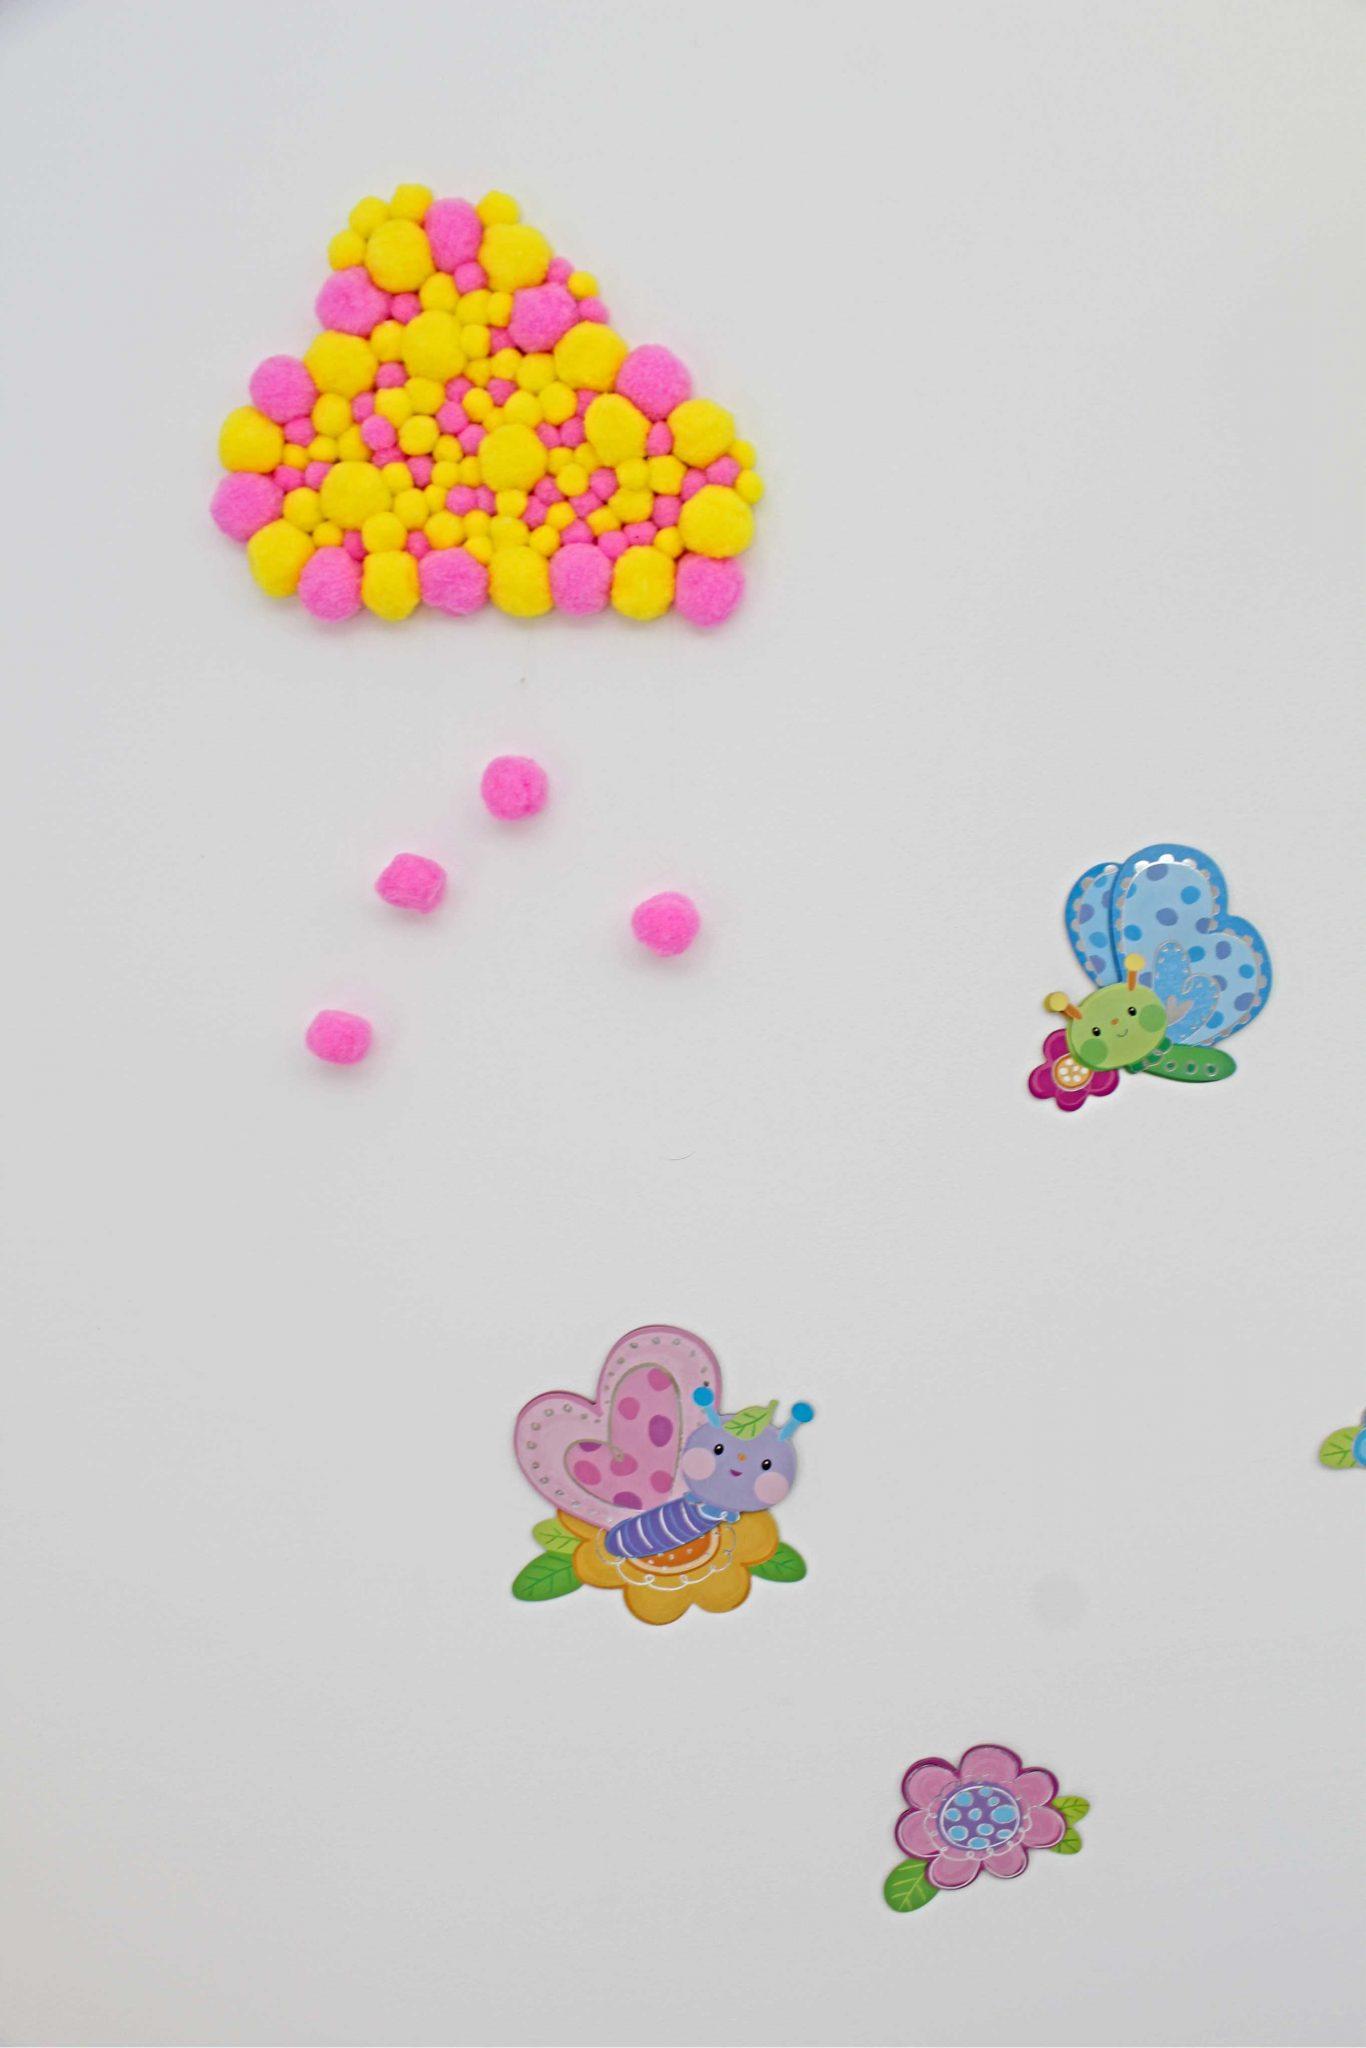 Pom pom cloud wall decorations